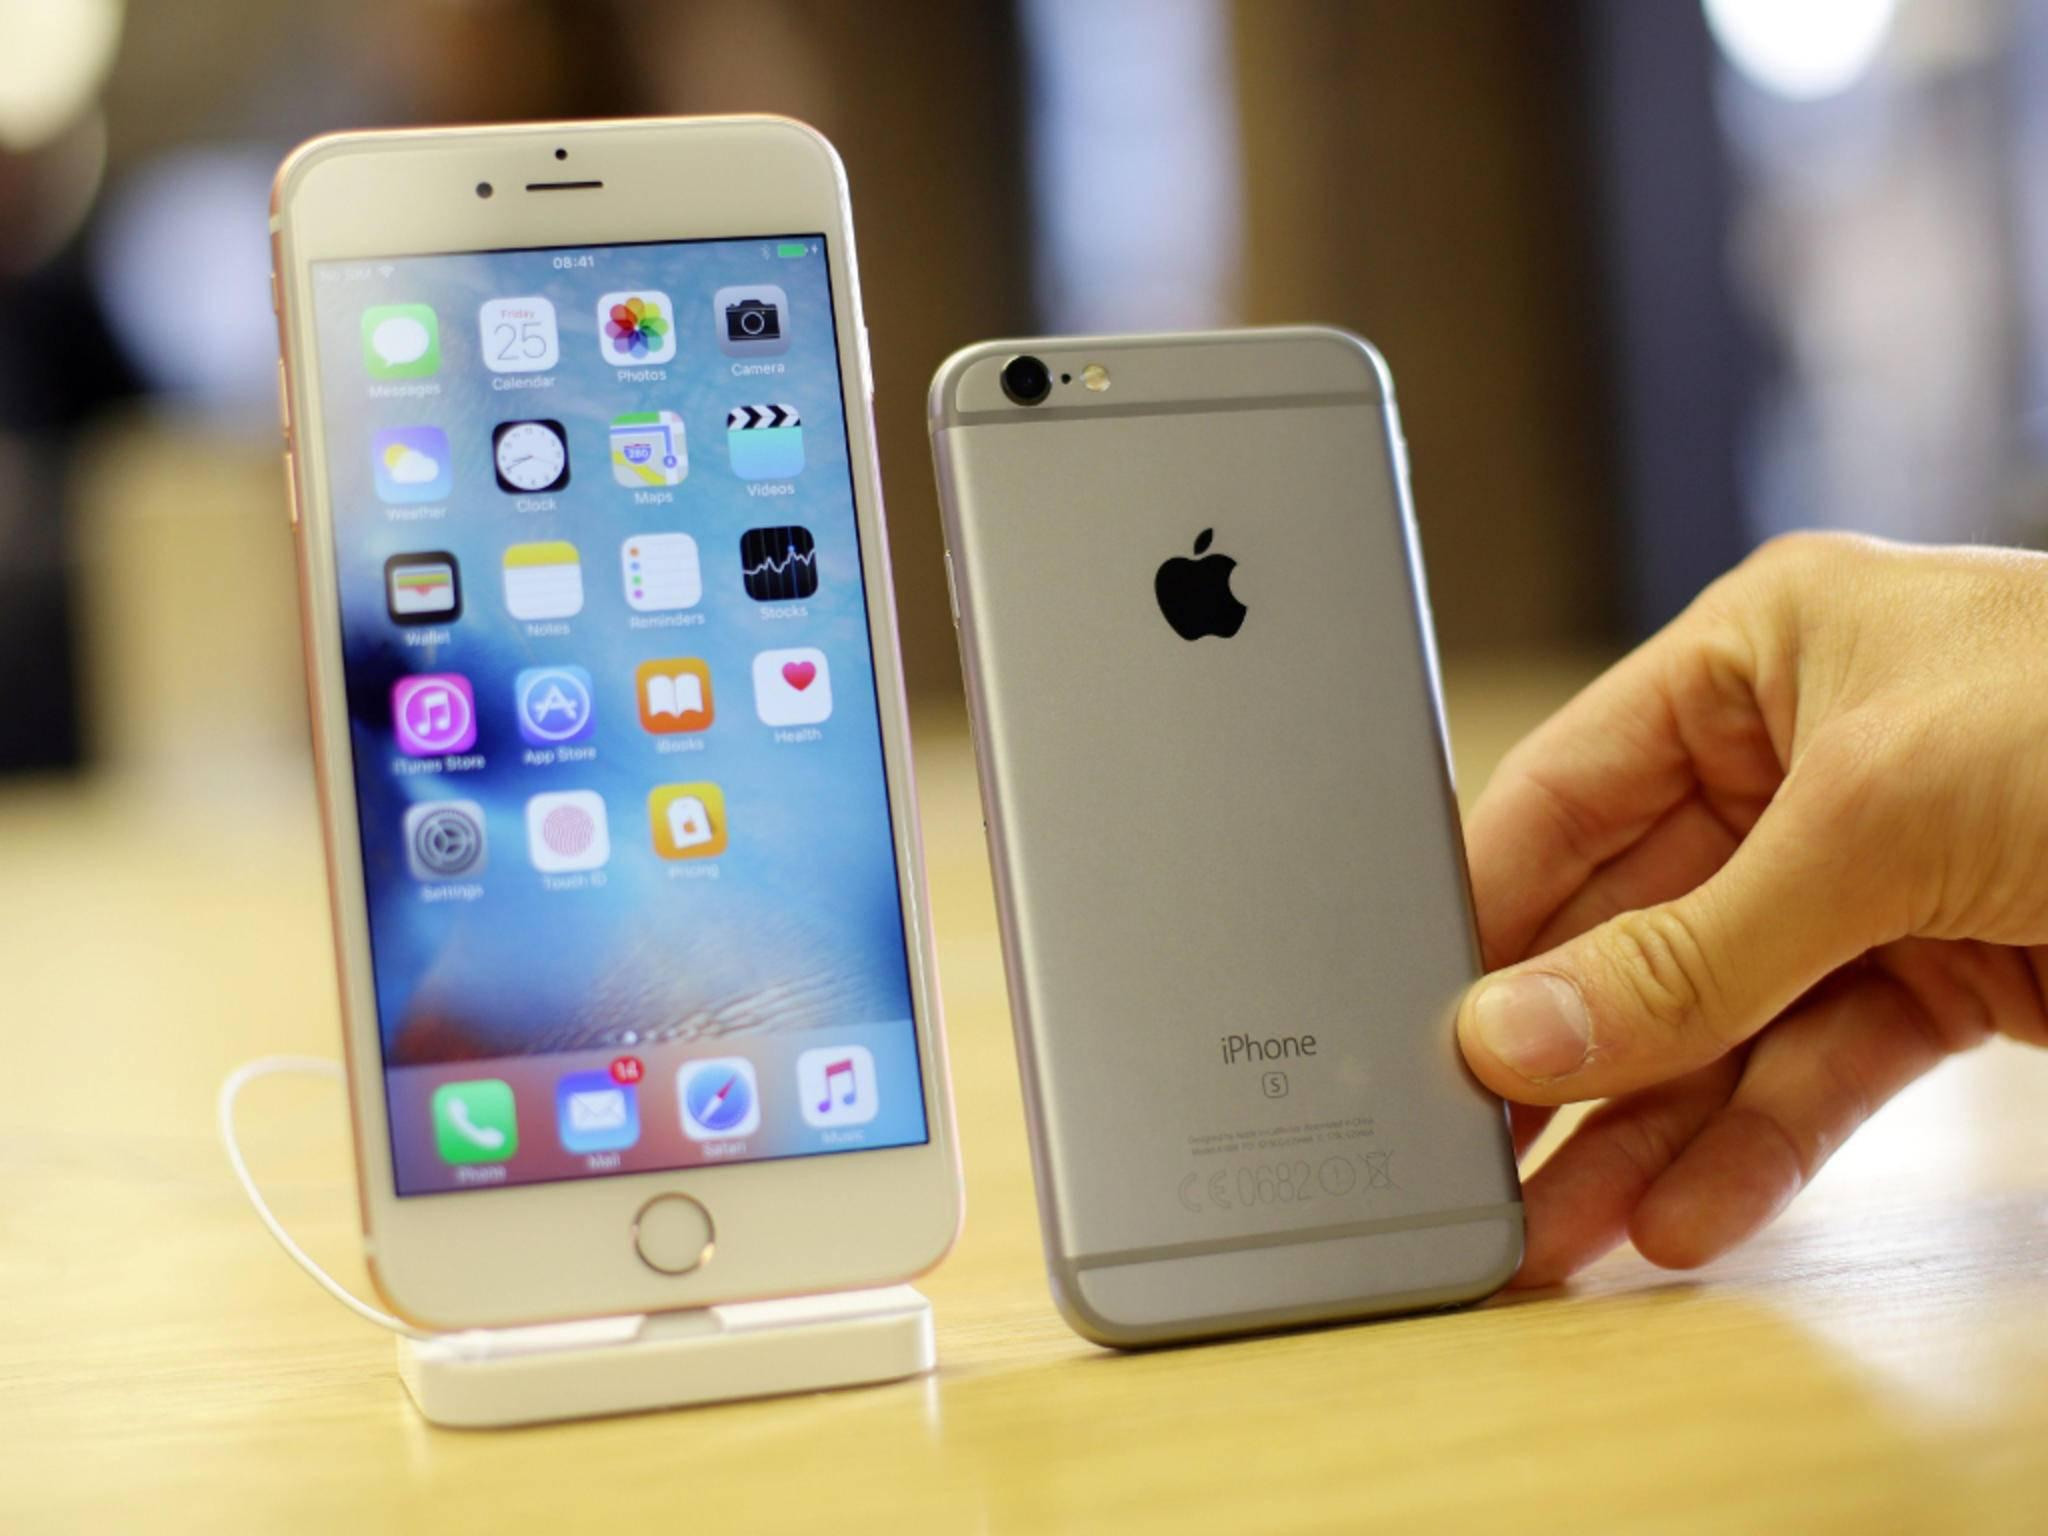 Welche Apps könnten in Zukunft das iPhone dominieren?